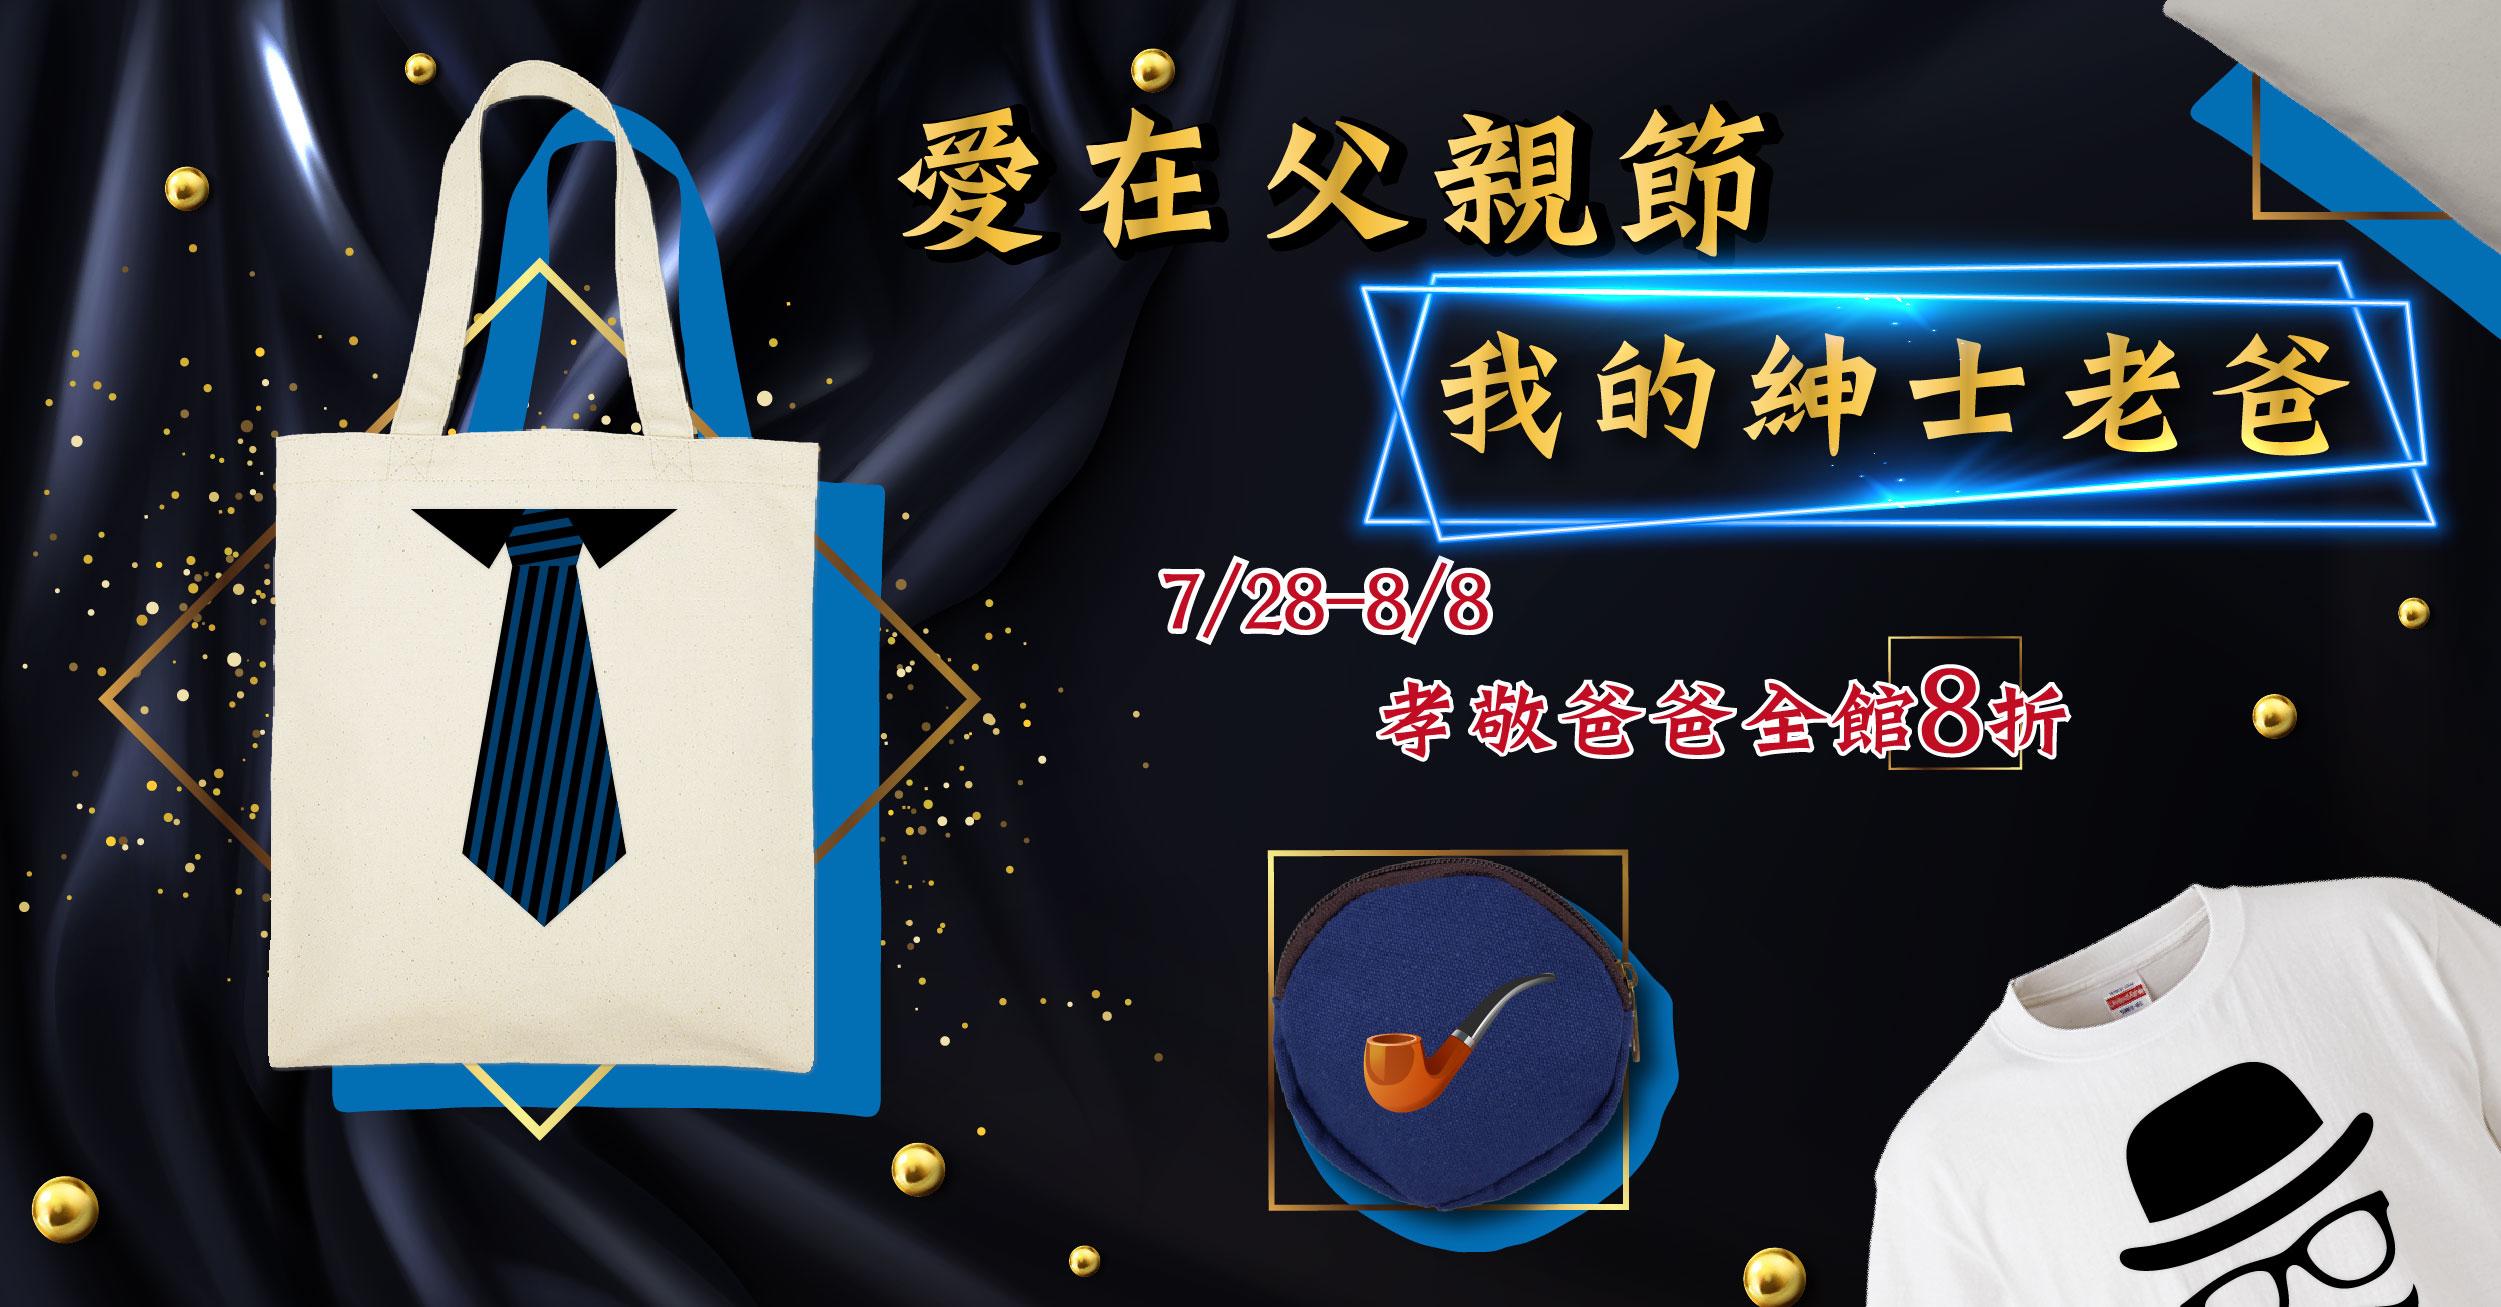 紳士老爸~父親節專屬8折優惠 活動至8/8